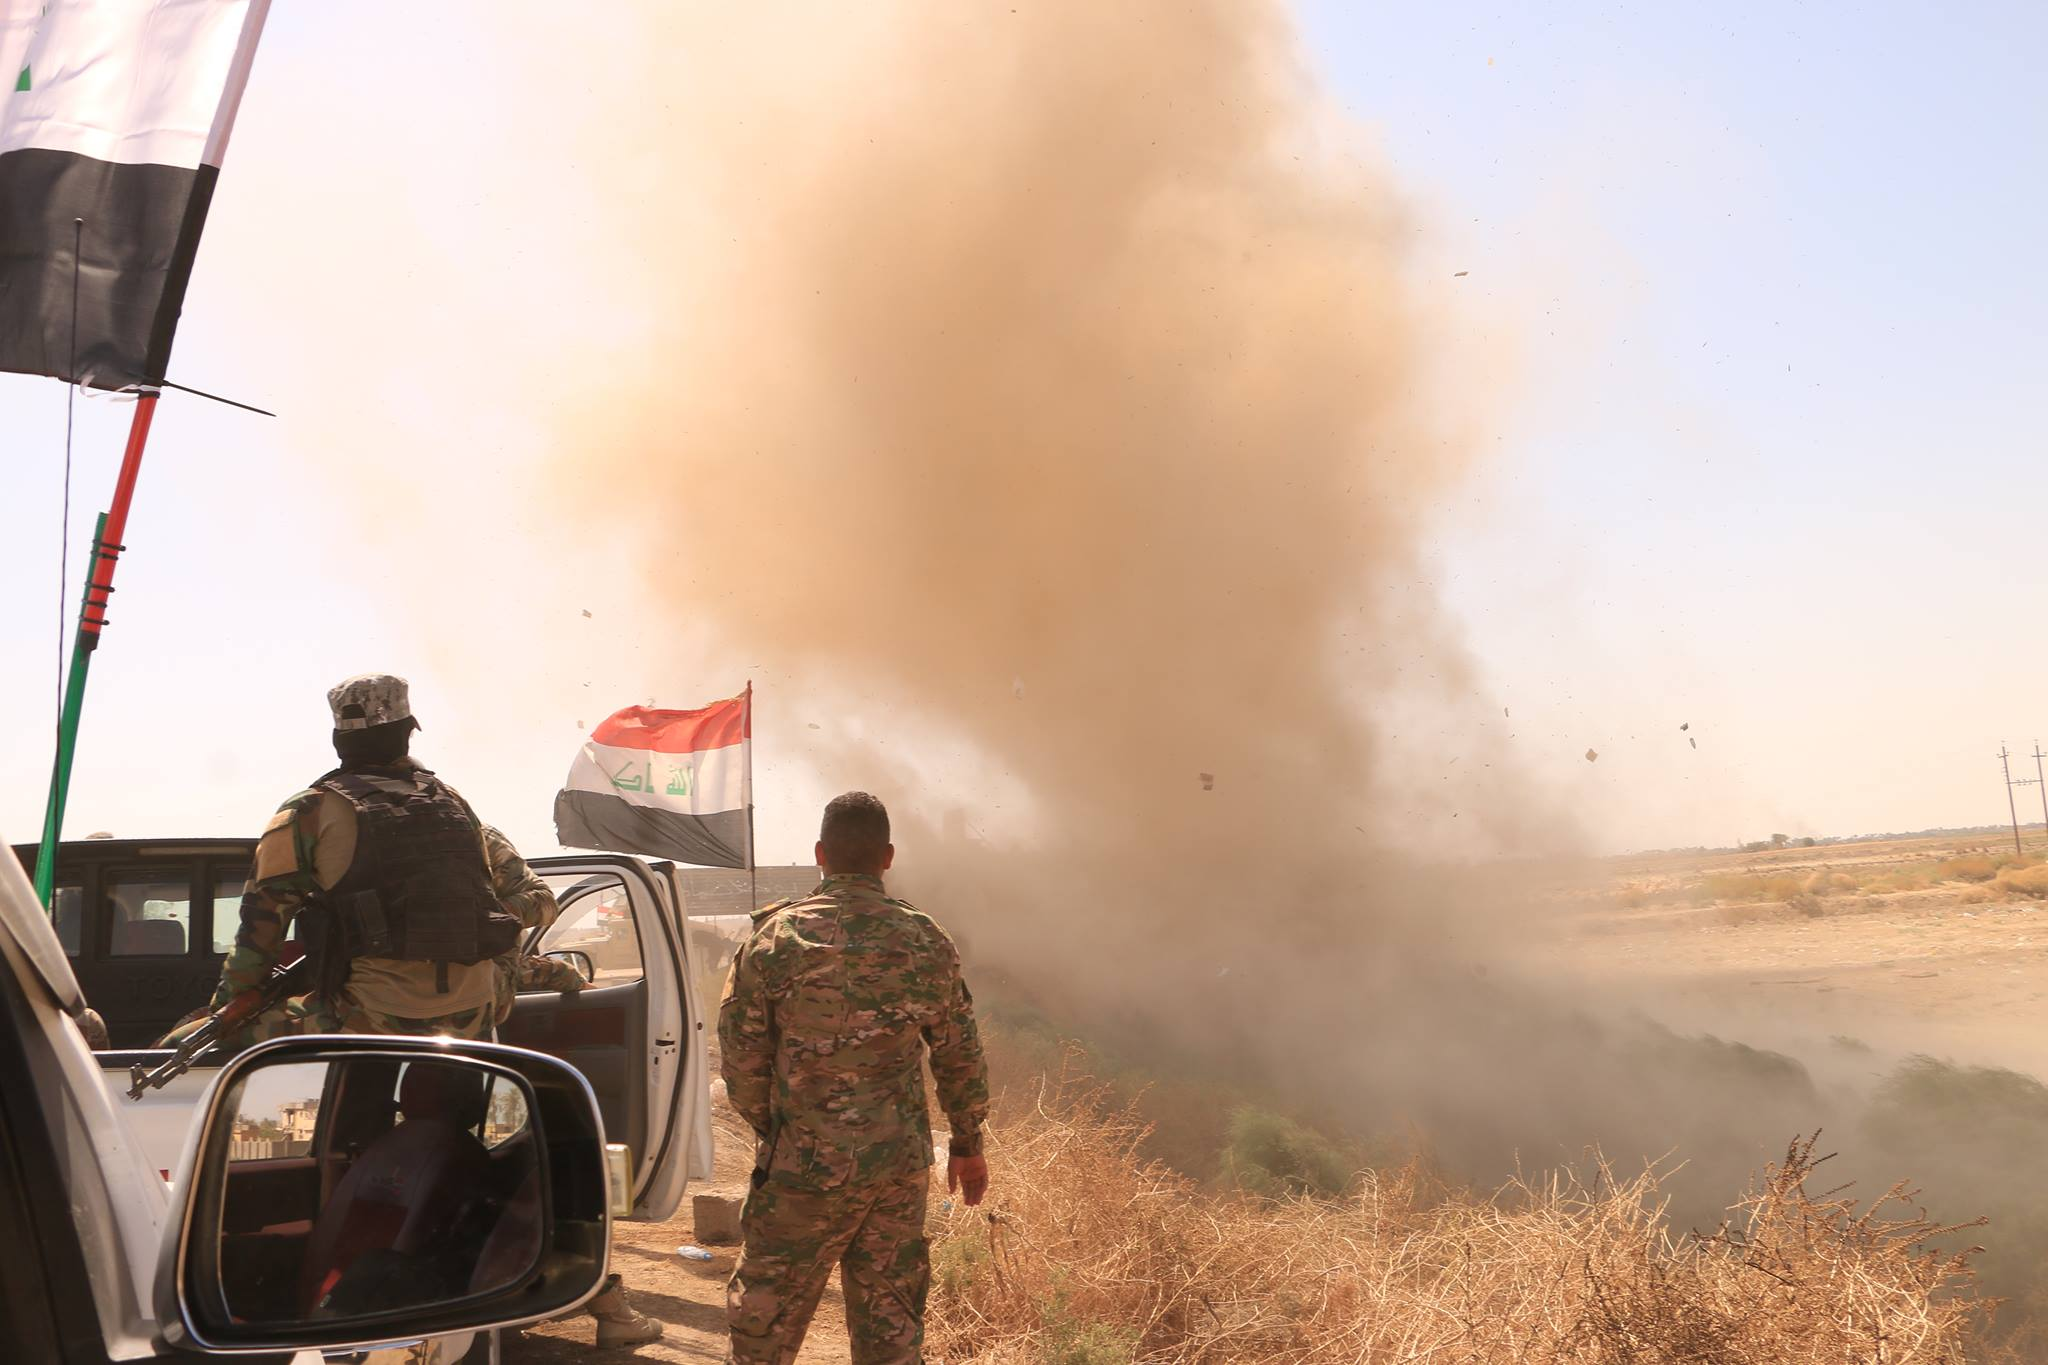 قتل انتحاريين حاولا استهداف مقر تابع للحشد العشائري بالأنبار